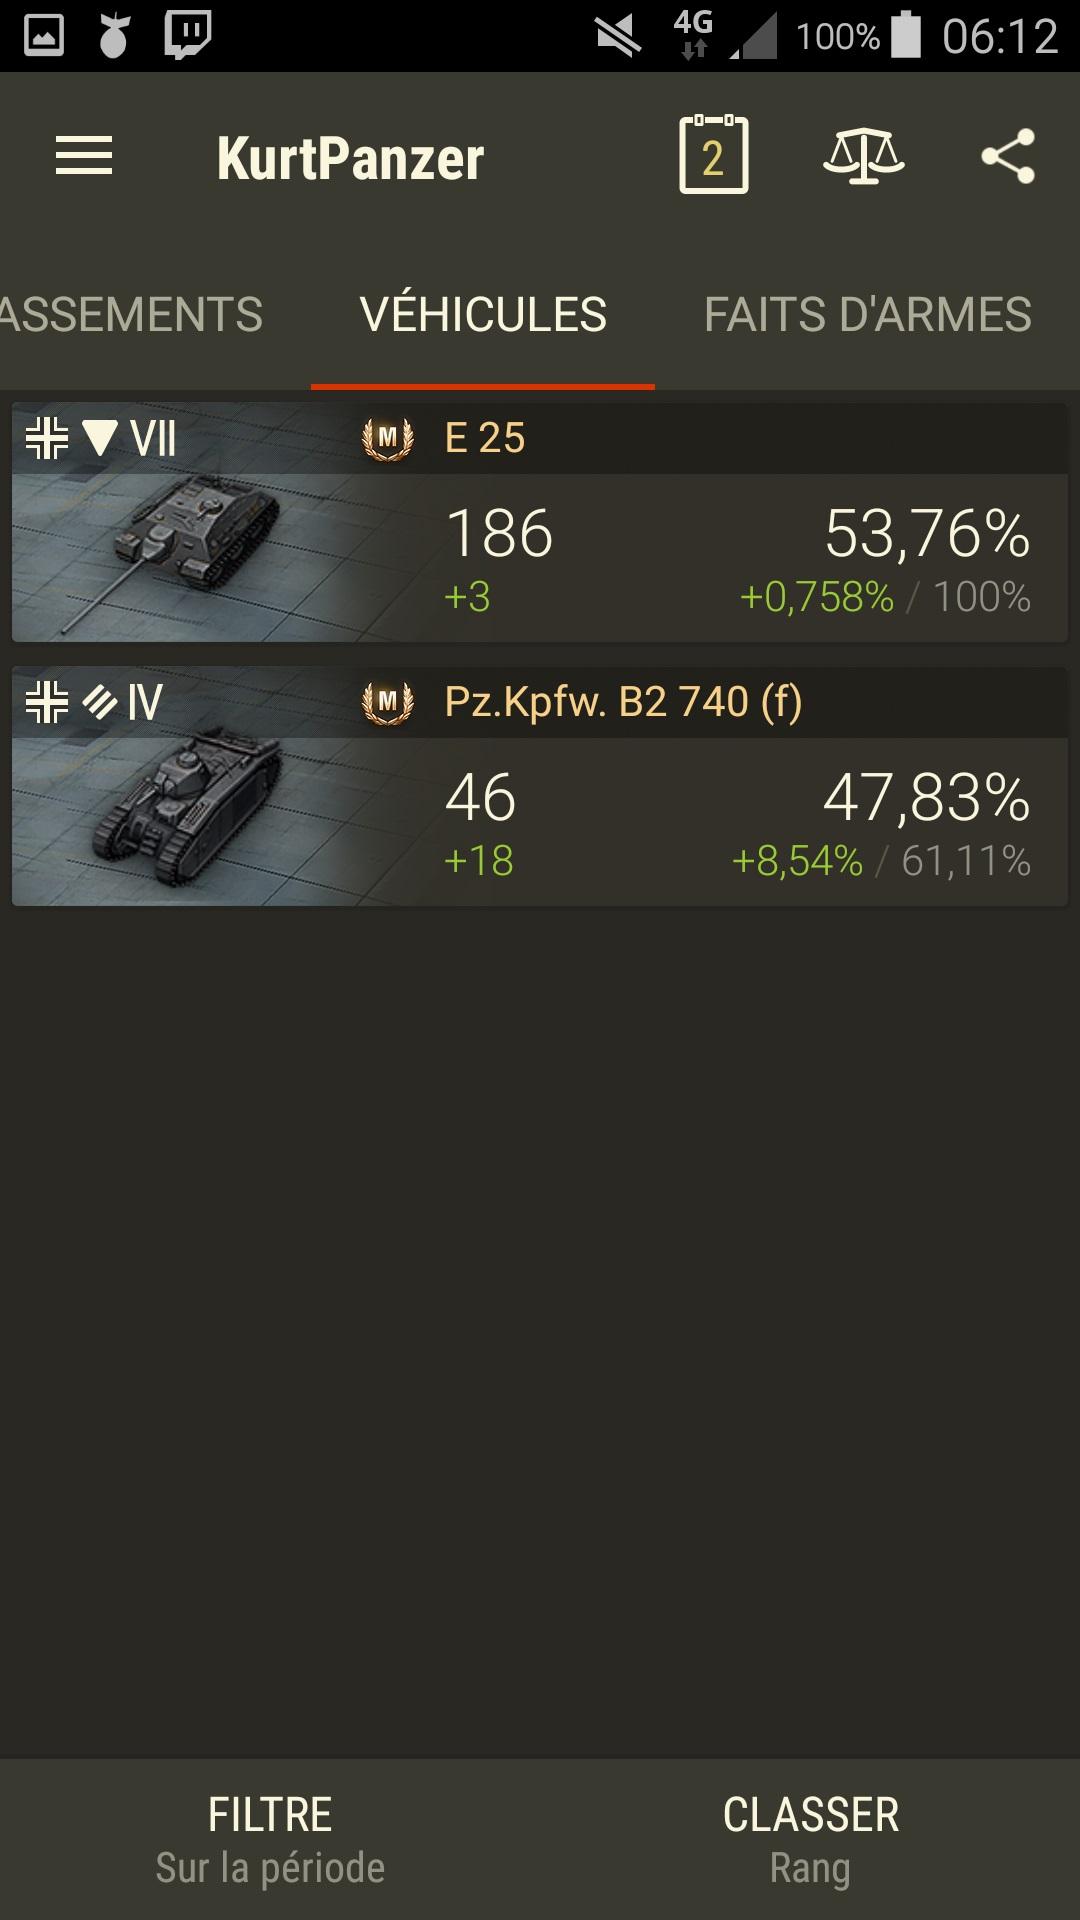 World of Tanks  - Page 40 D5e5d0624de342069afd6ec4a47b4d68